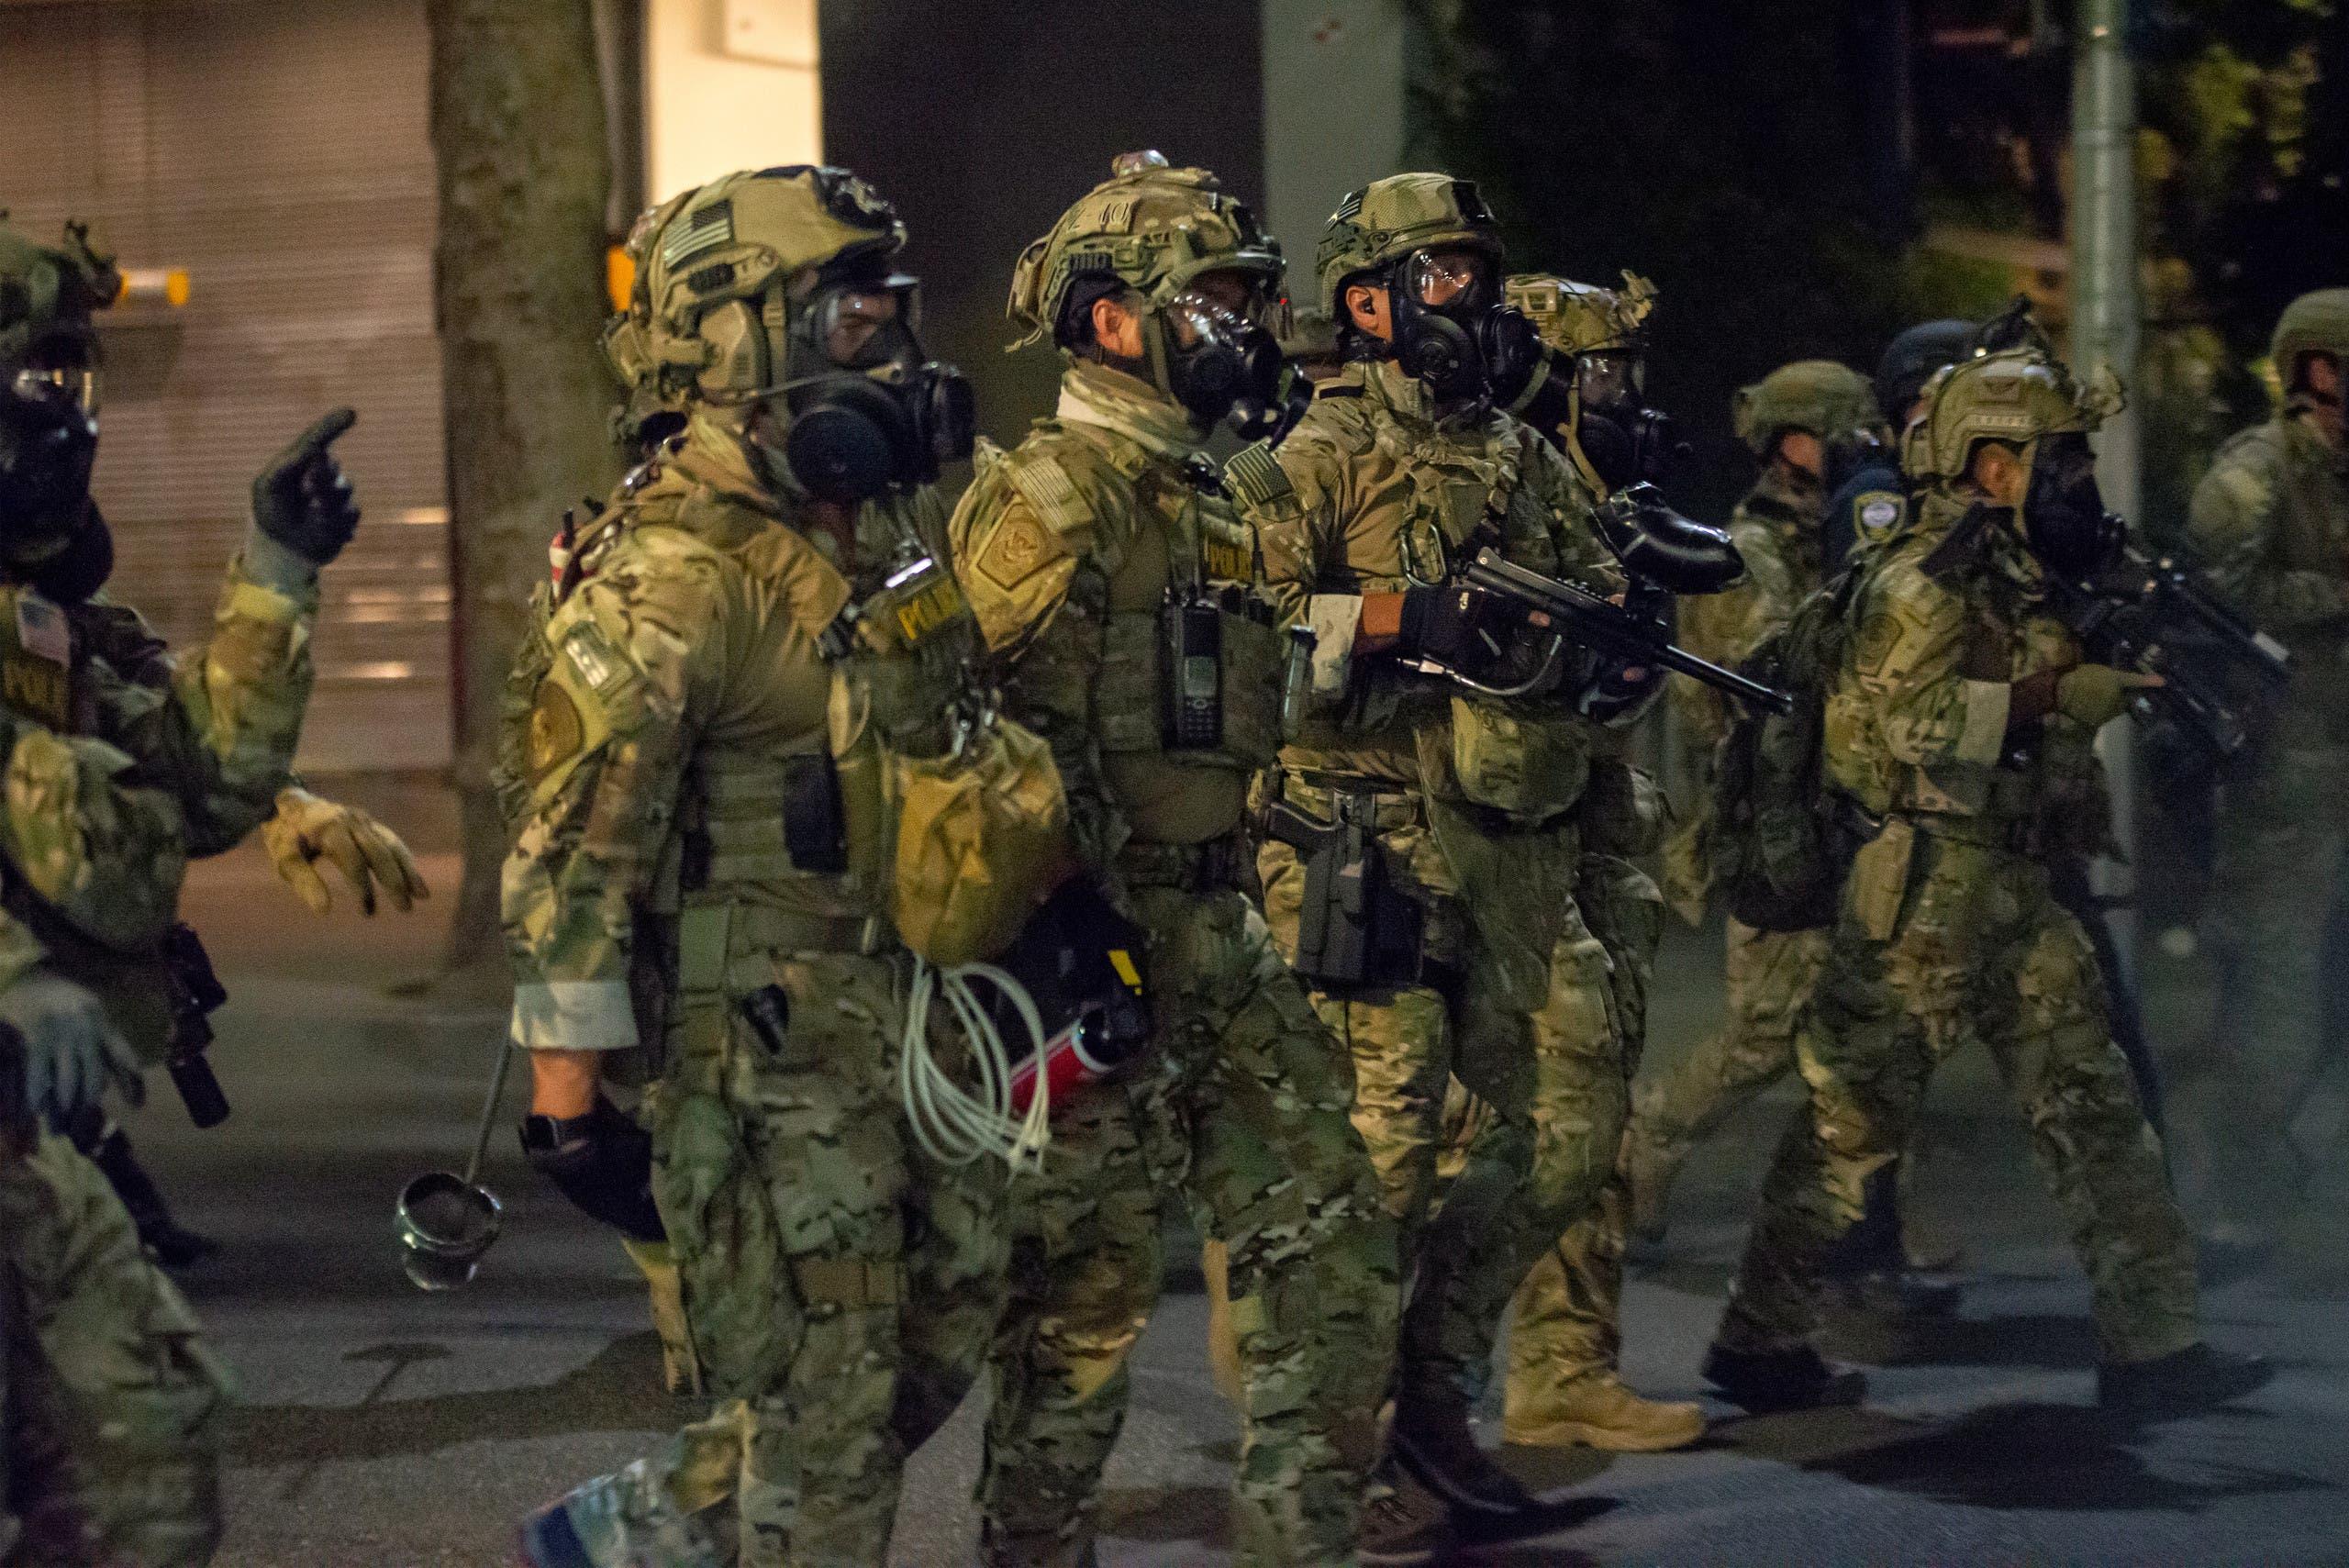 رجال الأمن الاتحادي في أوريغون للتصدي للاحتجاجات العنيفة